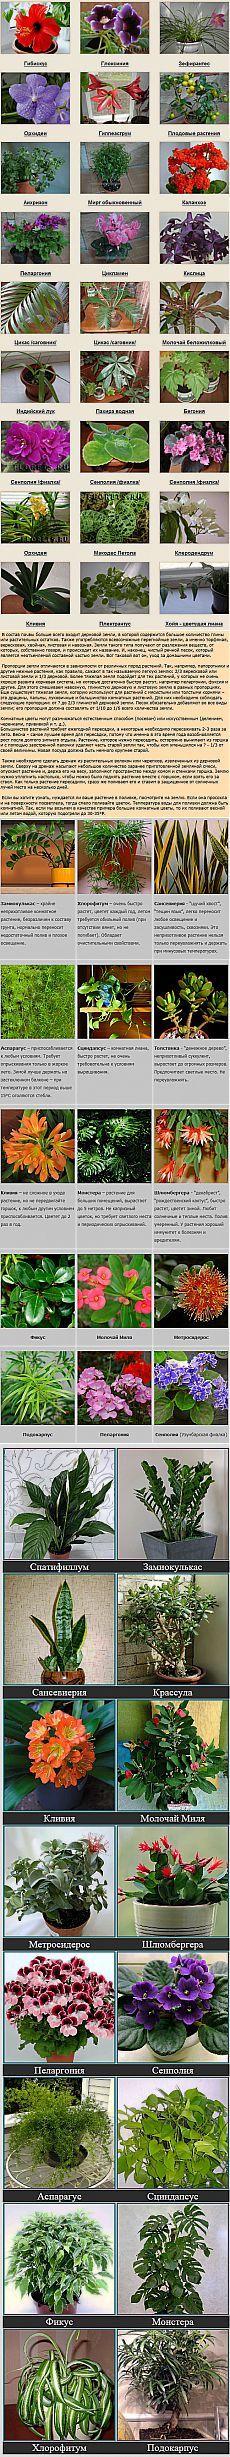 КОМНАТНЫЕ РАСТЕНИЯ ФОТО И НАЗВАНИЯ | Неприхотливые цветущие растения с описанием,фото и названием цветов для интерьера помещения